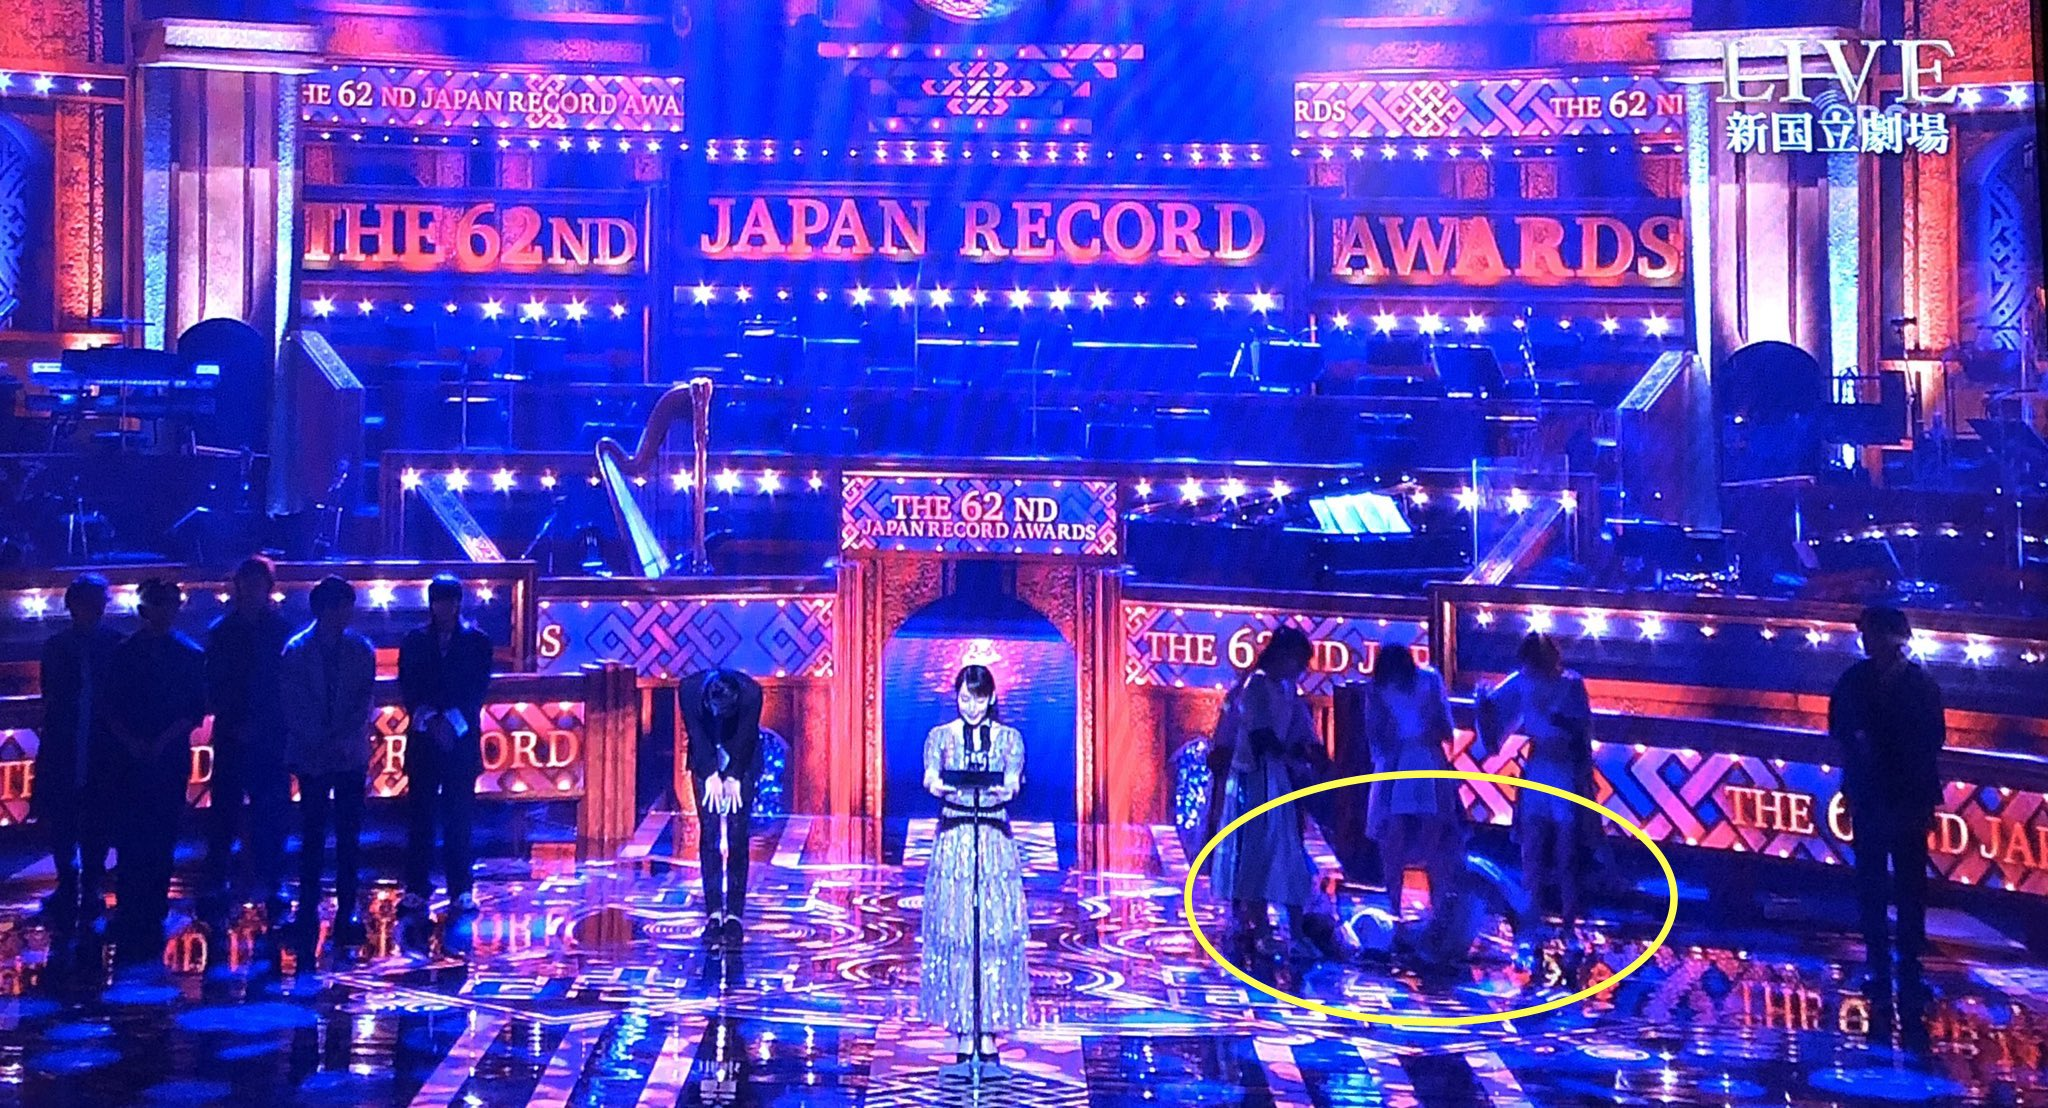 第62回日本レコード大賞の最優秀新人賞の発表で倒れる豆柴の大群